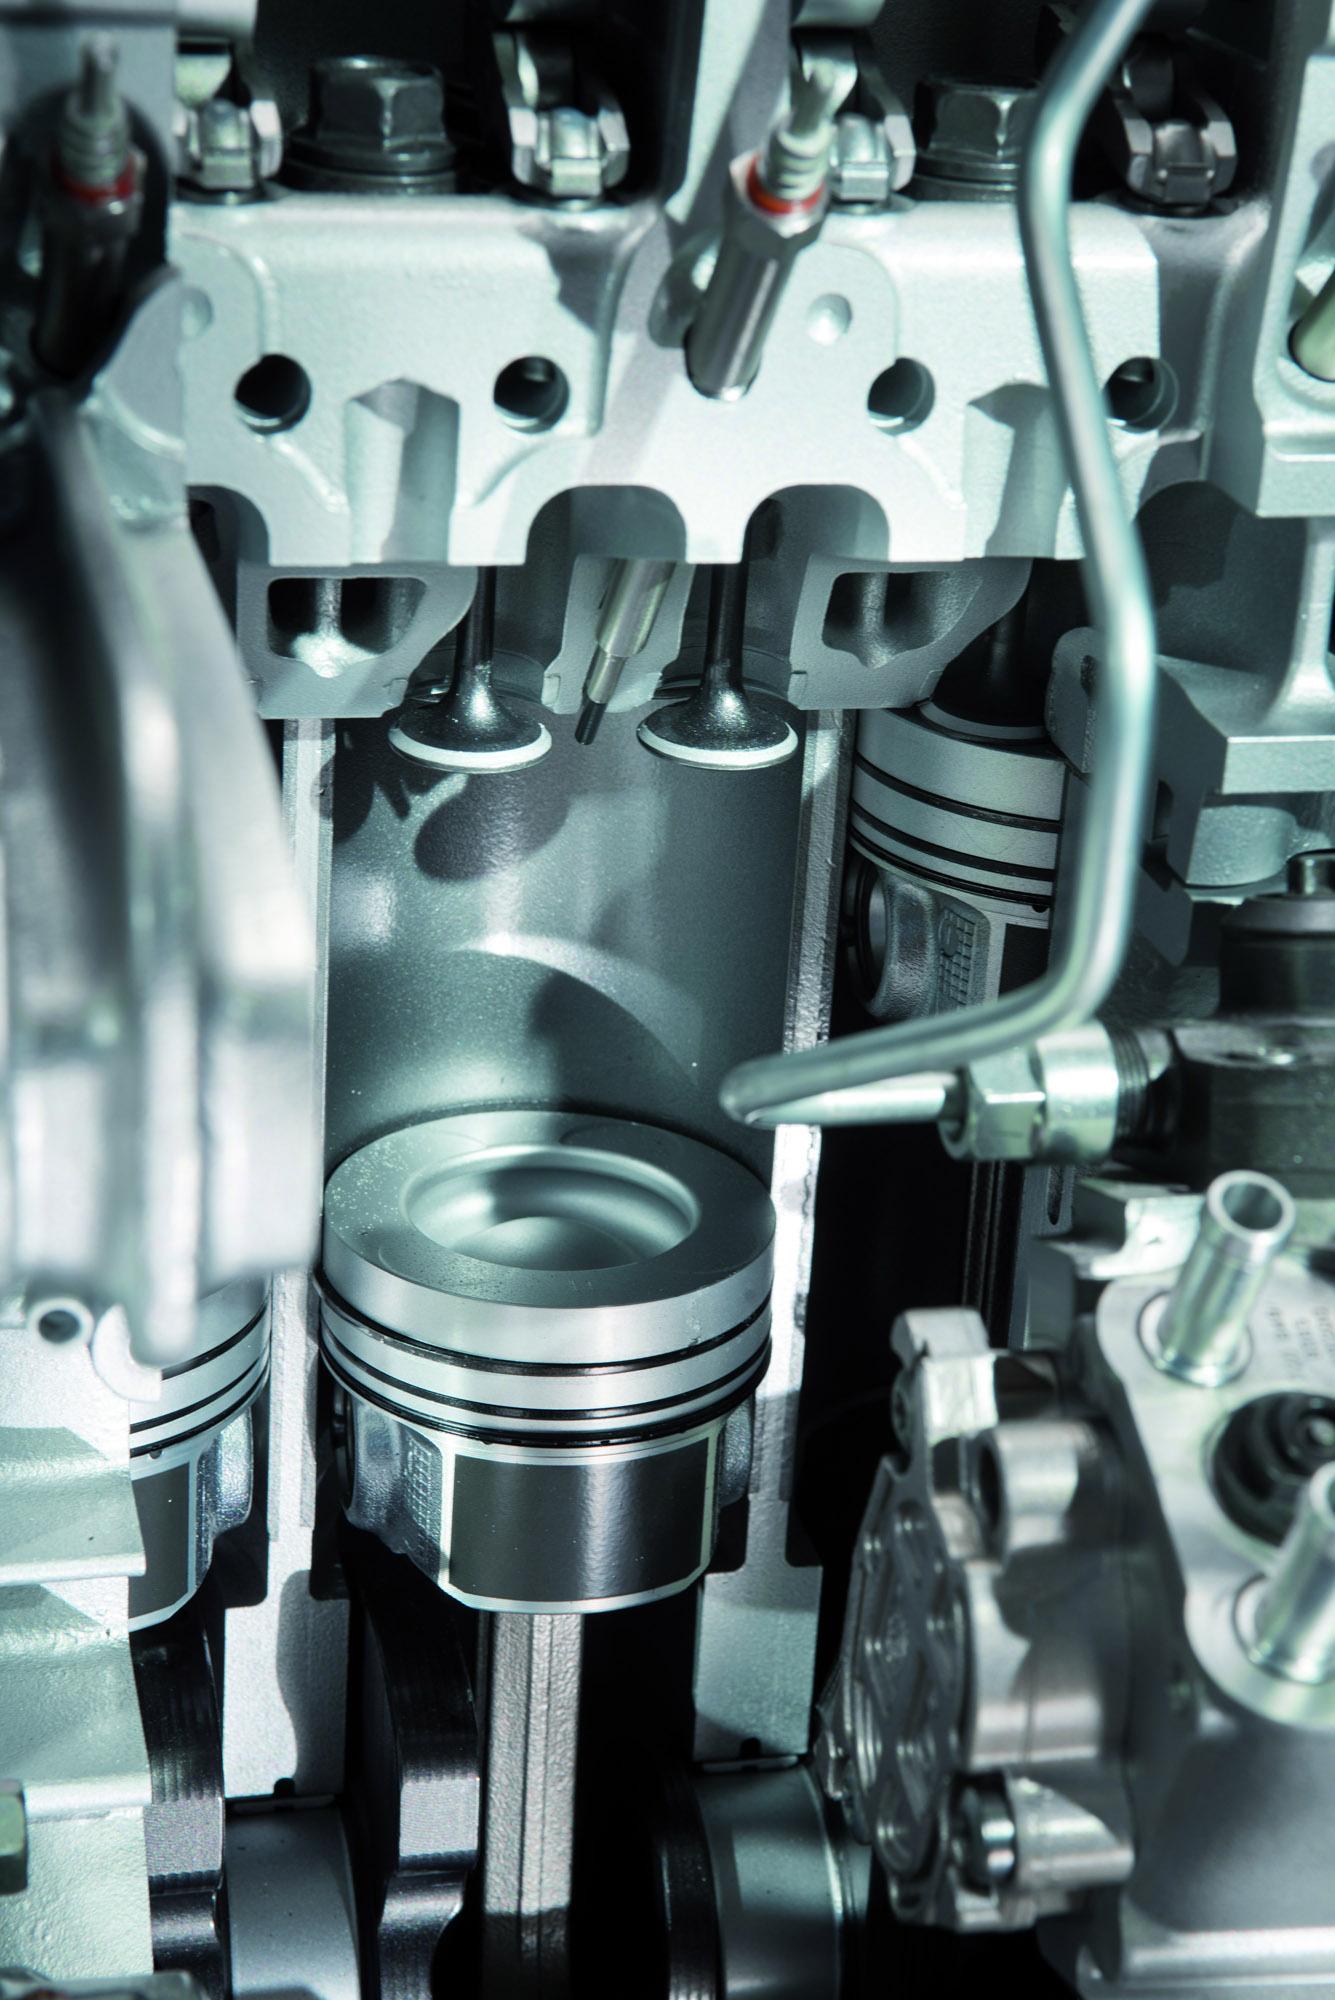 Honda 1 6 I Dtec Diesel 120hp And 300nm